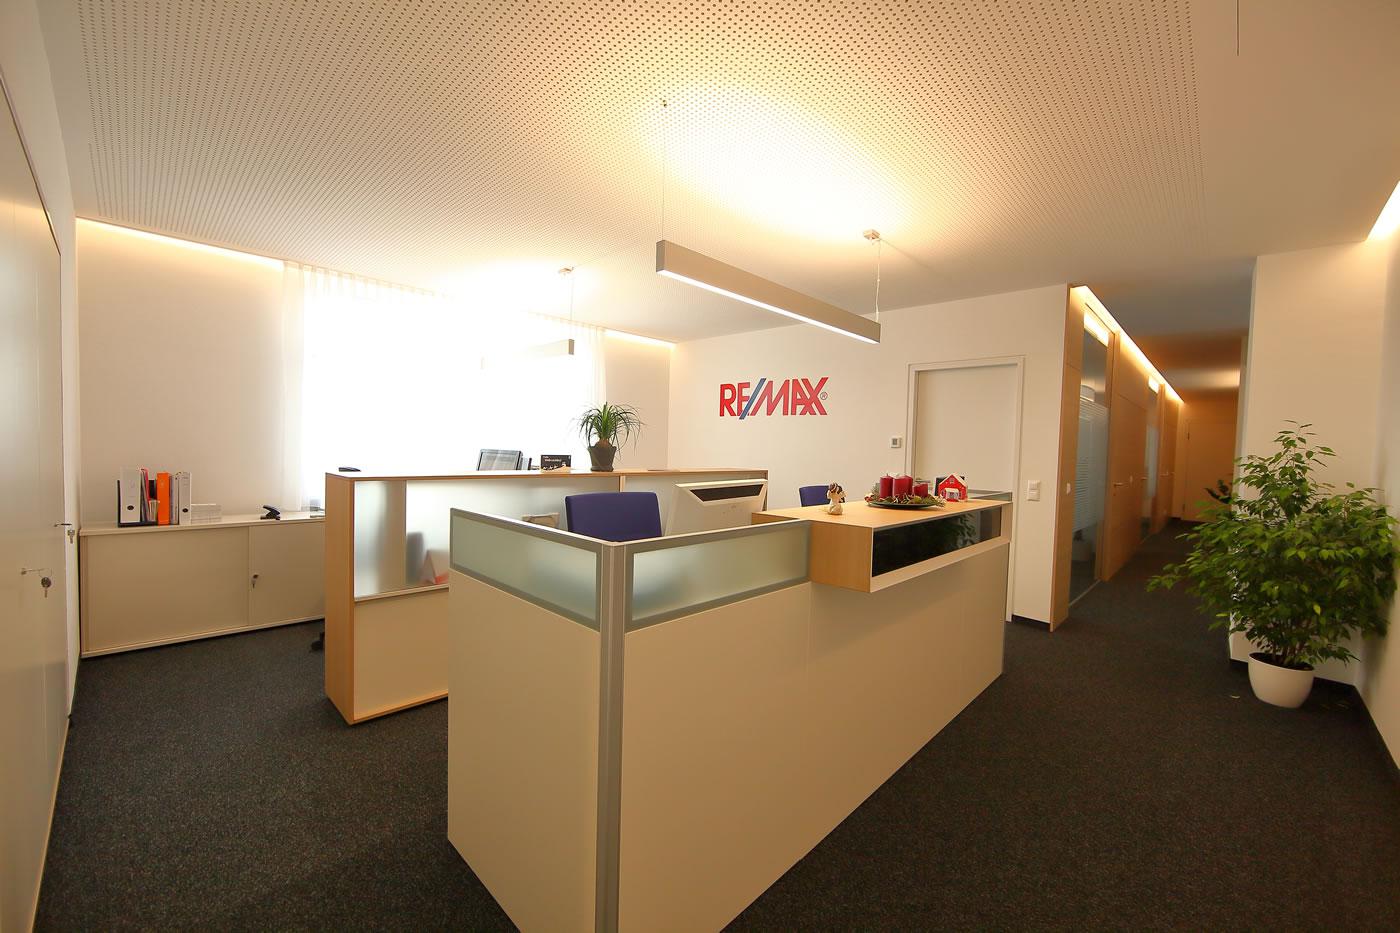 RE/MAX Austria Empfang